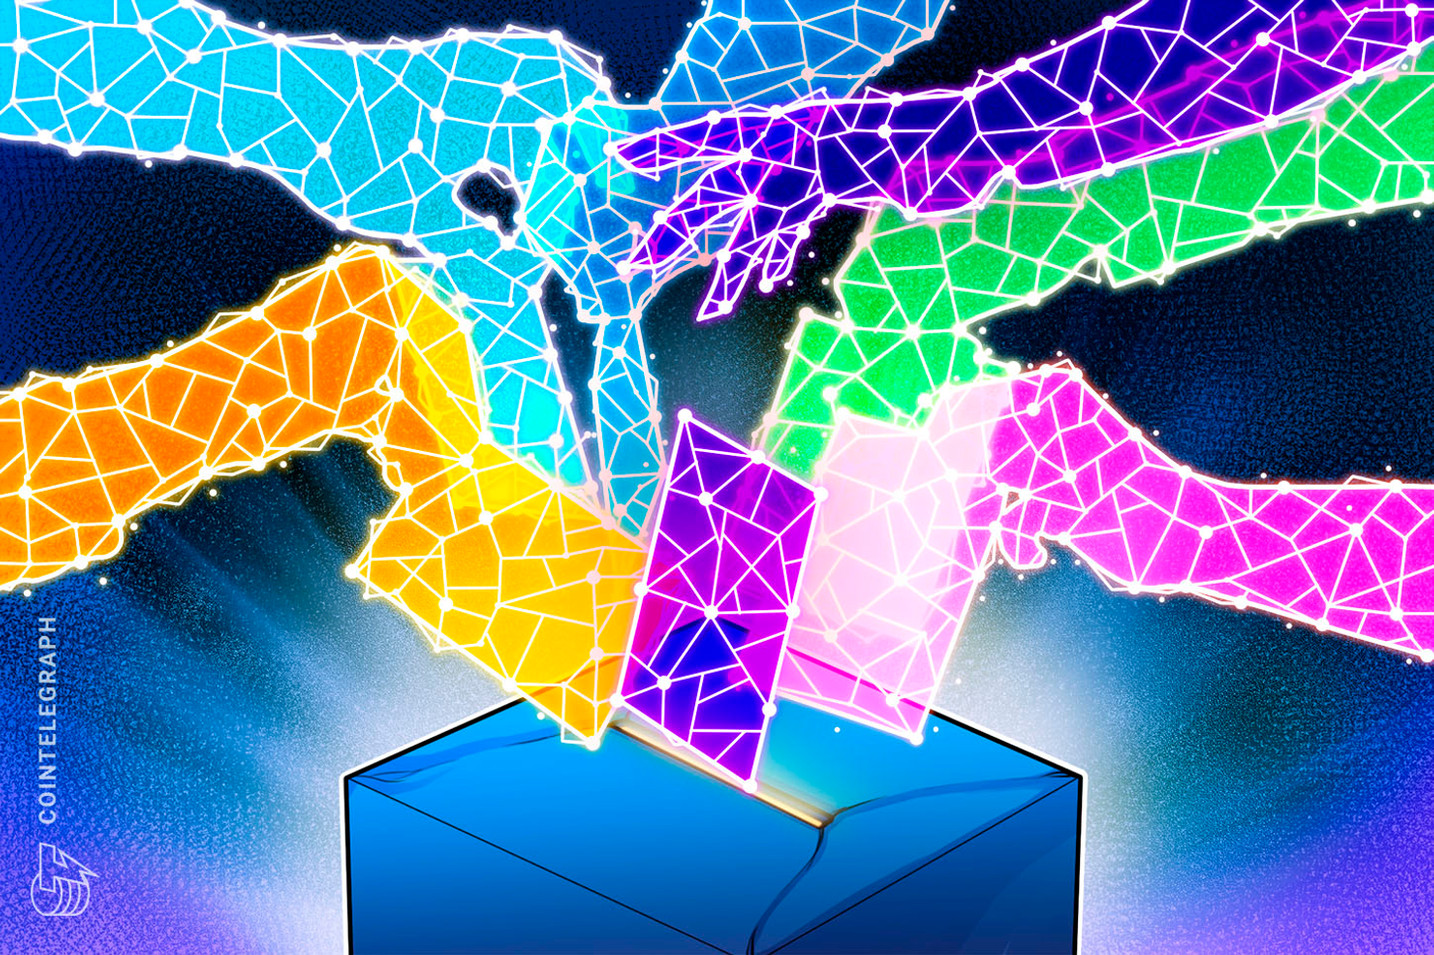 아이콘, 대표자 선출 마무리…29일부터 네트워크 가동